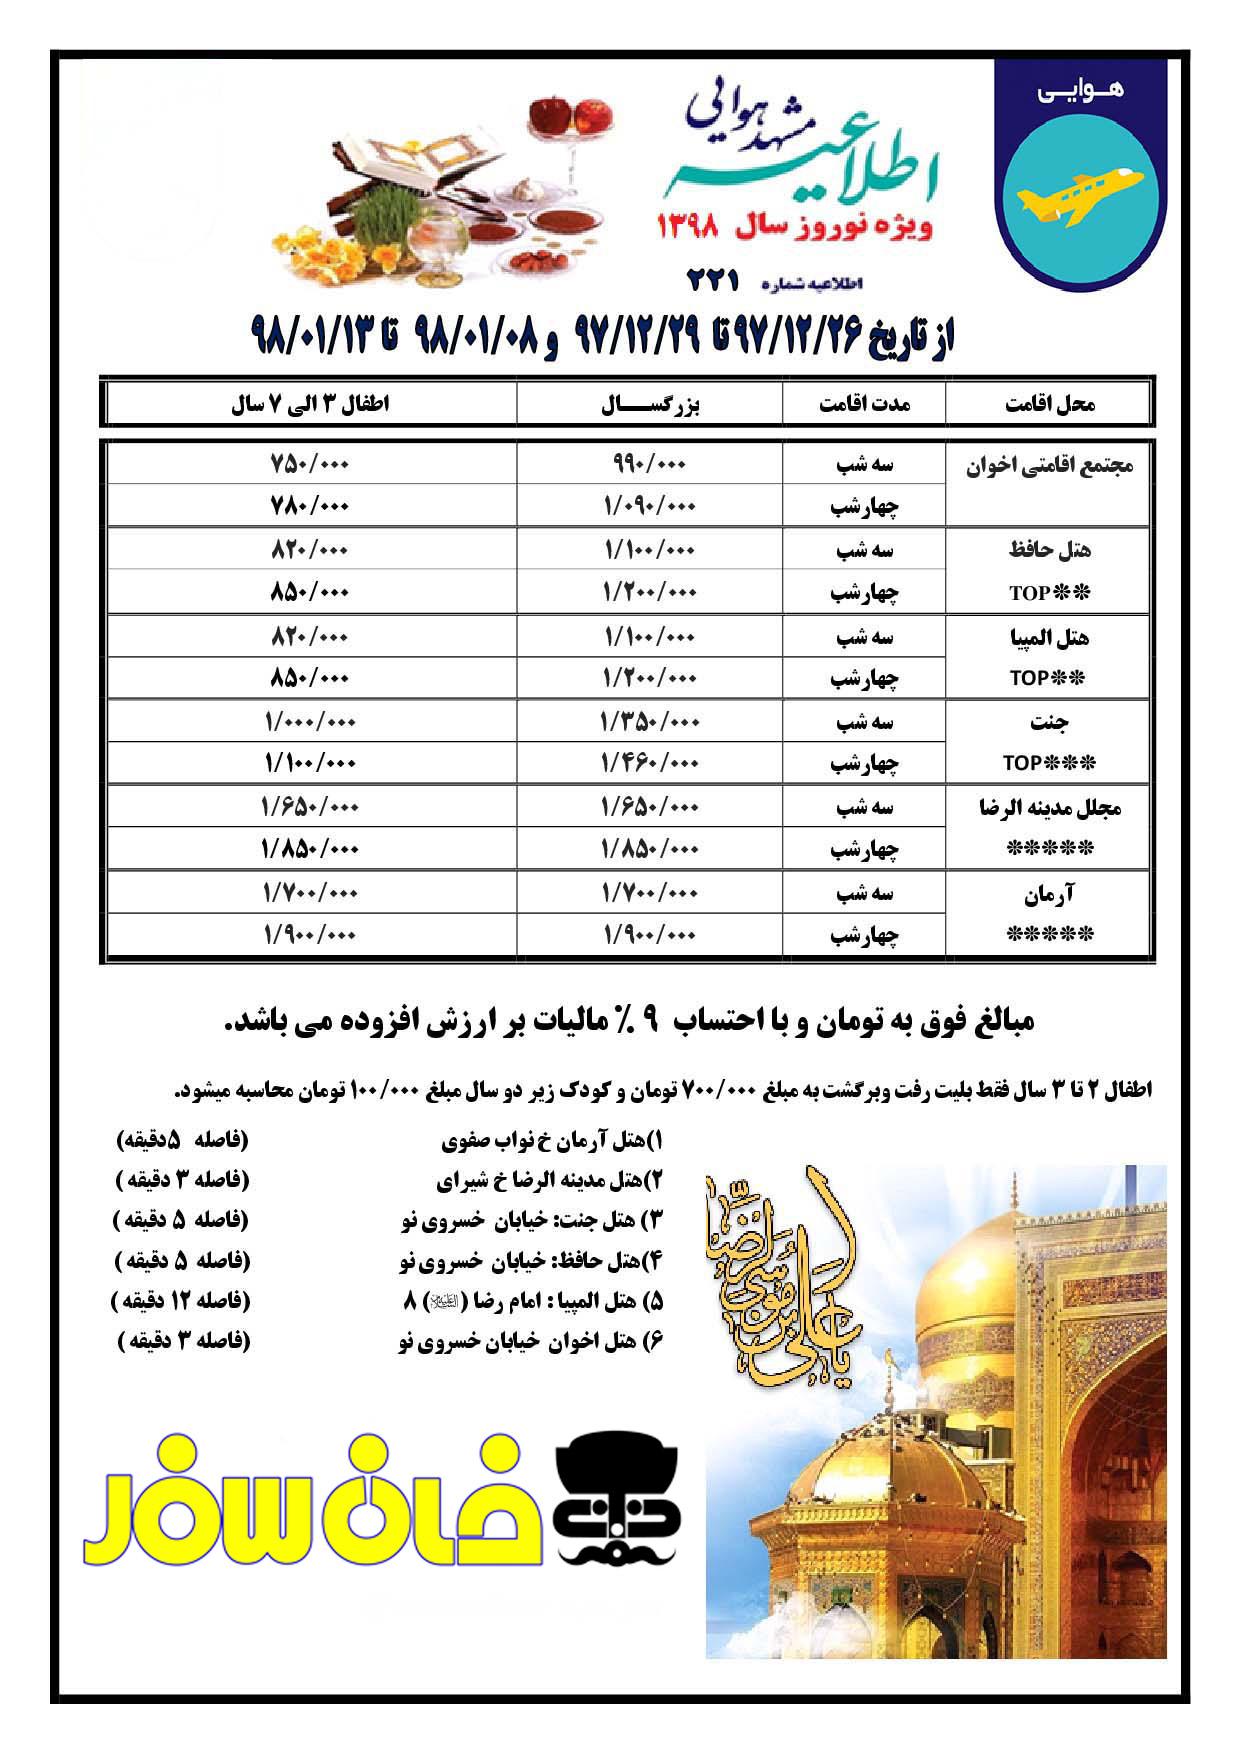 تور مشهد نوروز 98 | تورهای مشهد نوروزی | خان سفر آژانس مسافرتی غزال پرواز اصفهان